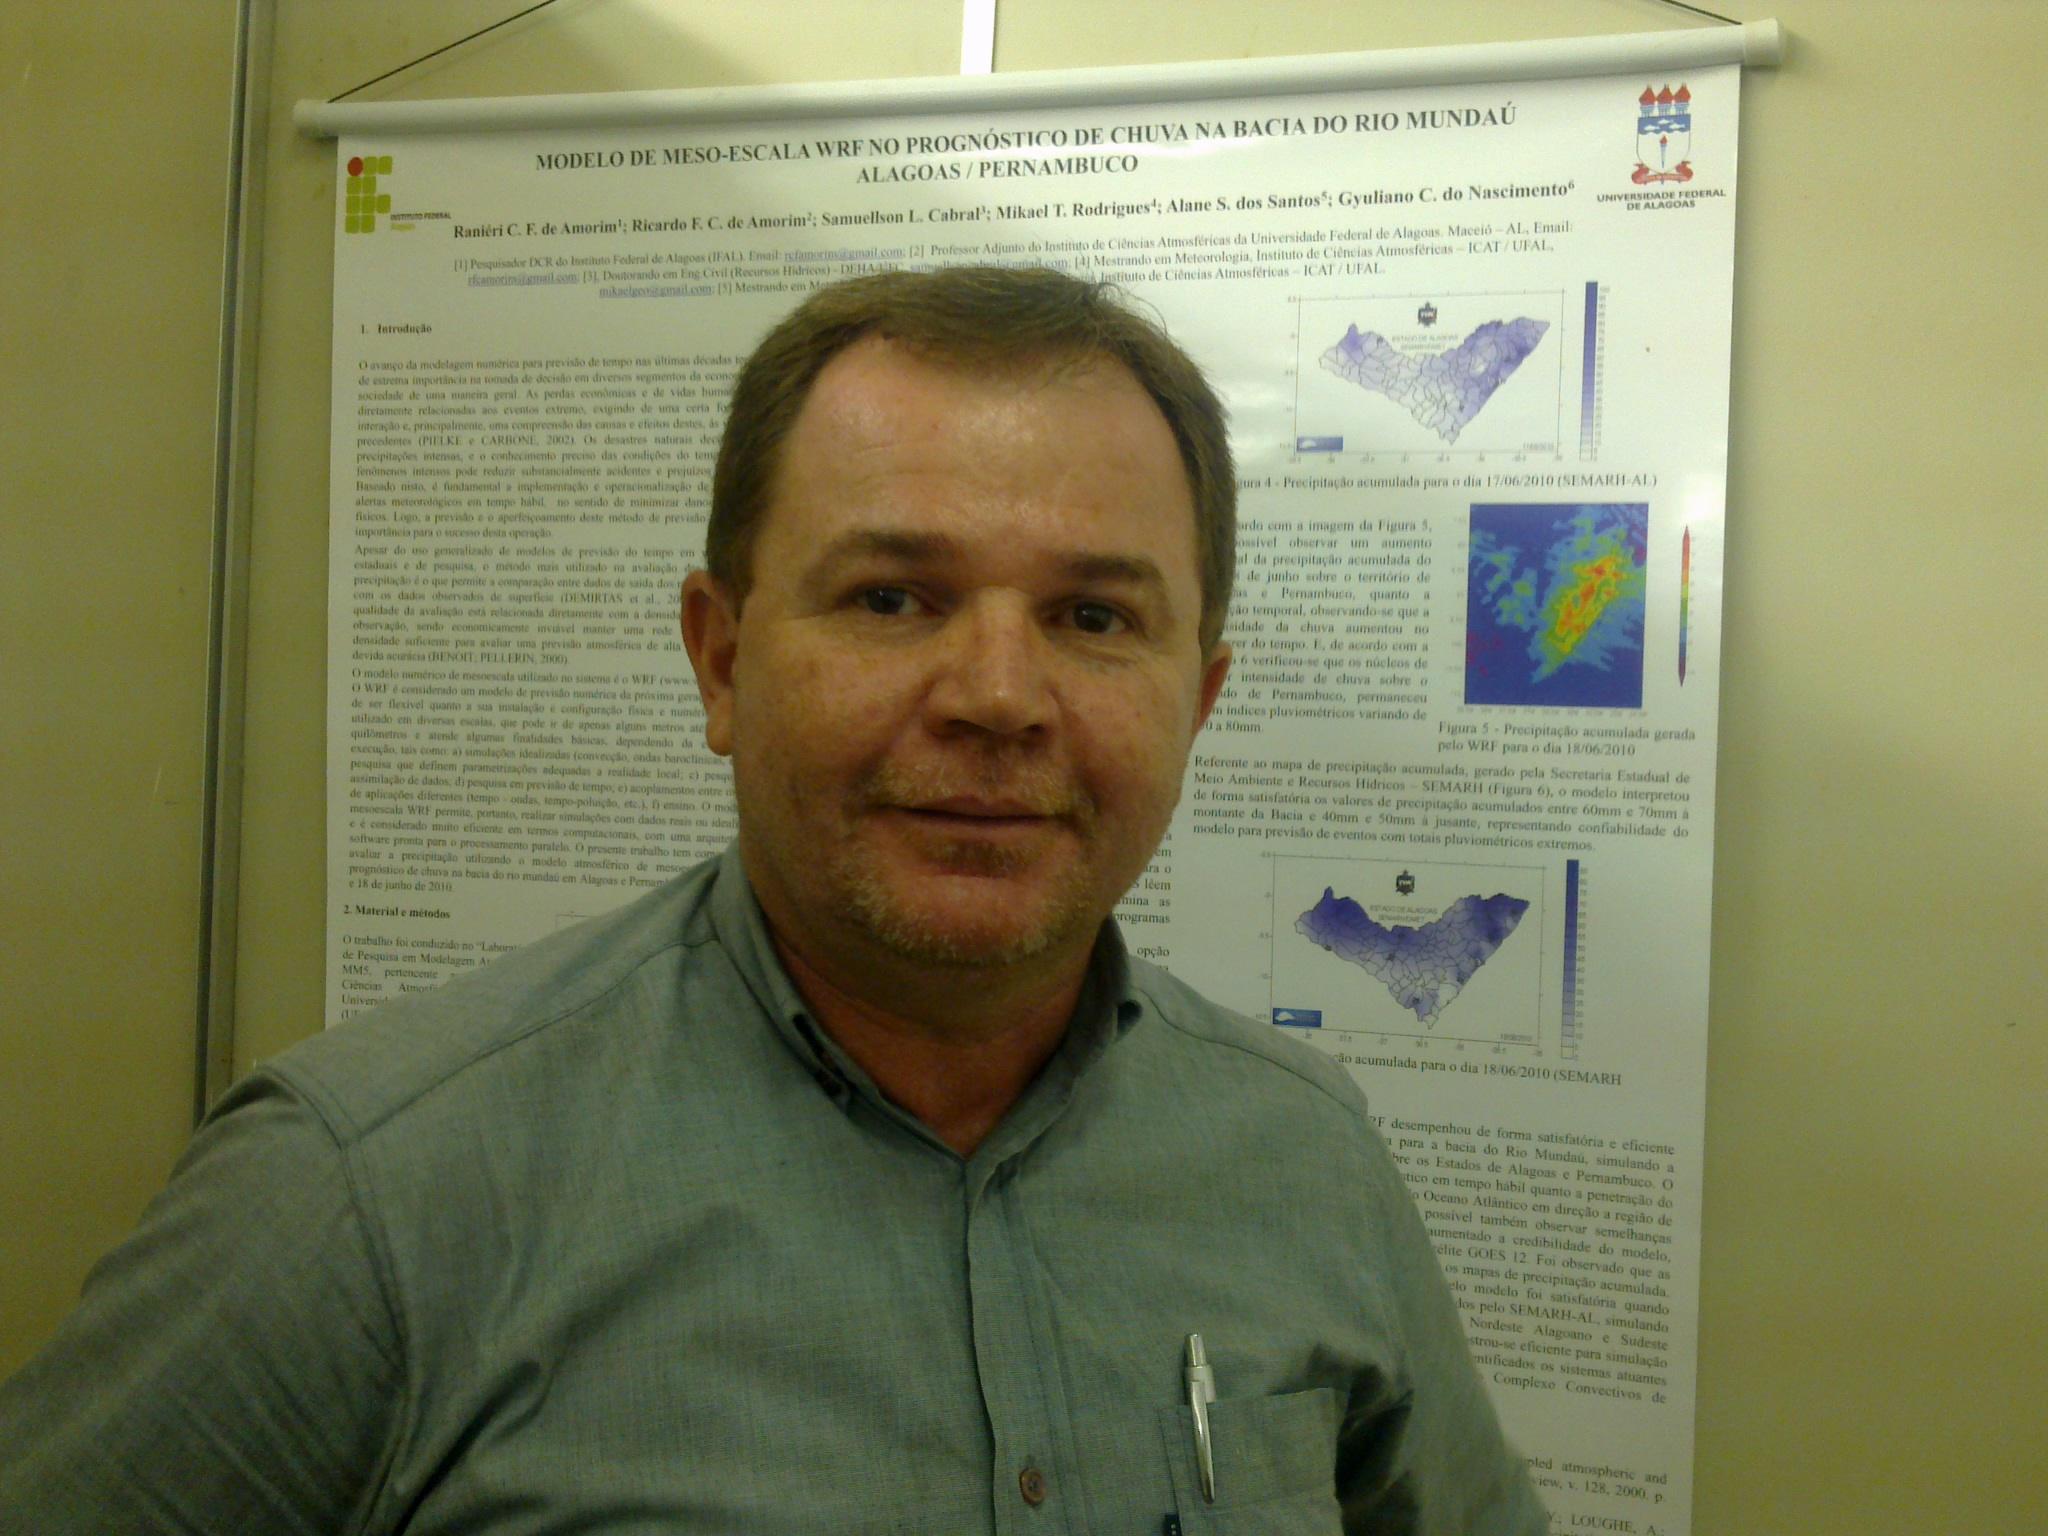 Disciplina: Oceanografia e Hidrometeorologia (doutorado em Agronomia (Energia na Agricultura) pela Universidade Estadual Paulista Júlio de Mesquita Filho (1999))